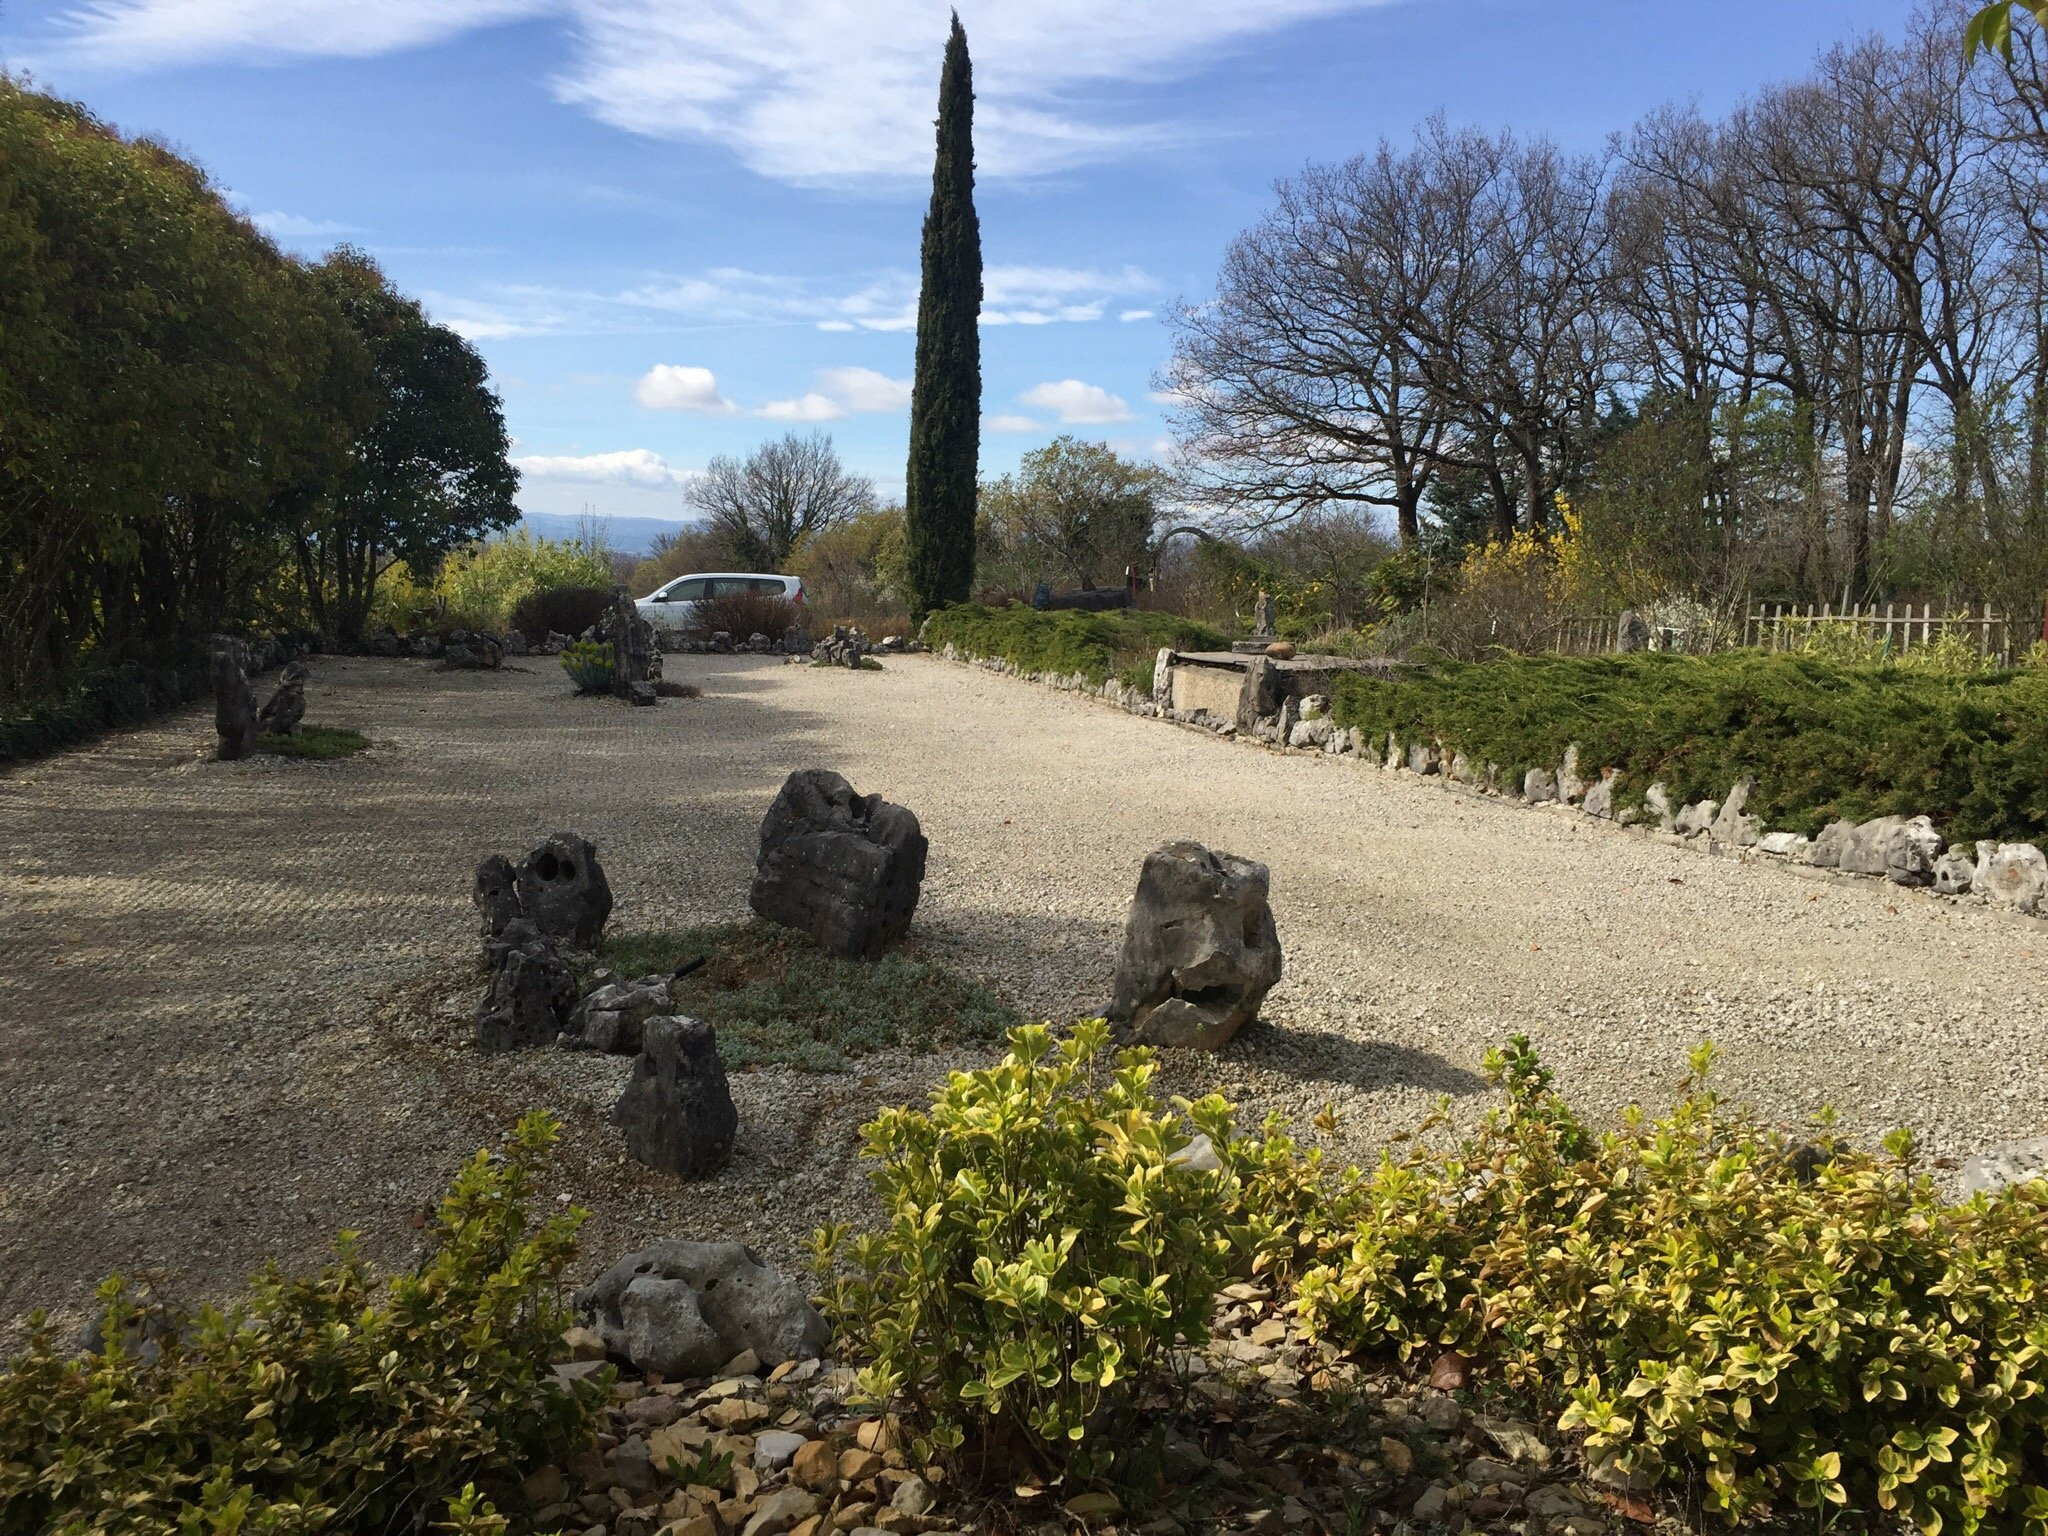 Jardin zen de montvendre avec des photos ce qu 39 il faut savoir pour votre visite tripadvisor for Jardin zen drome